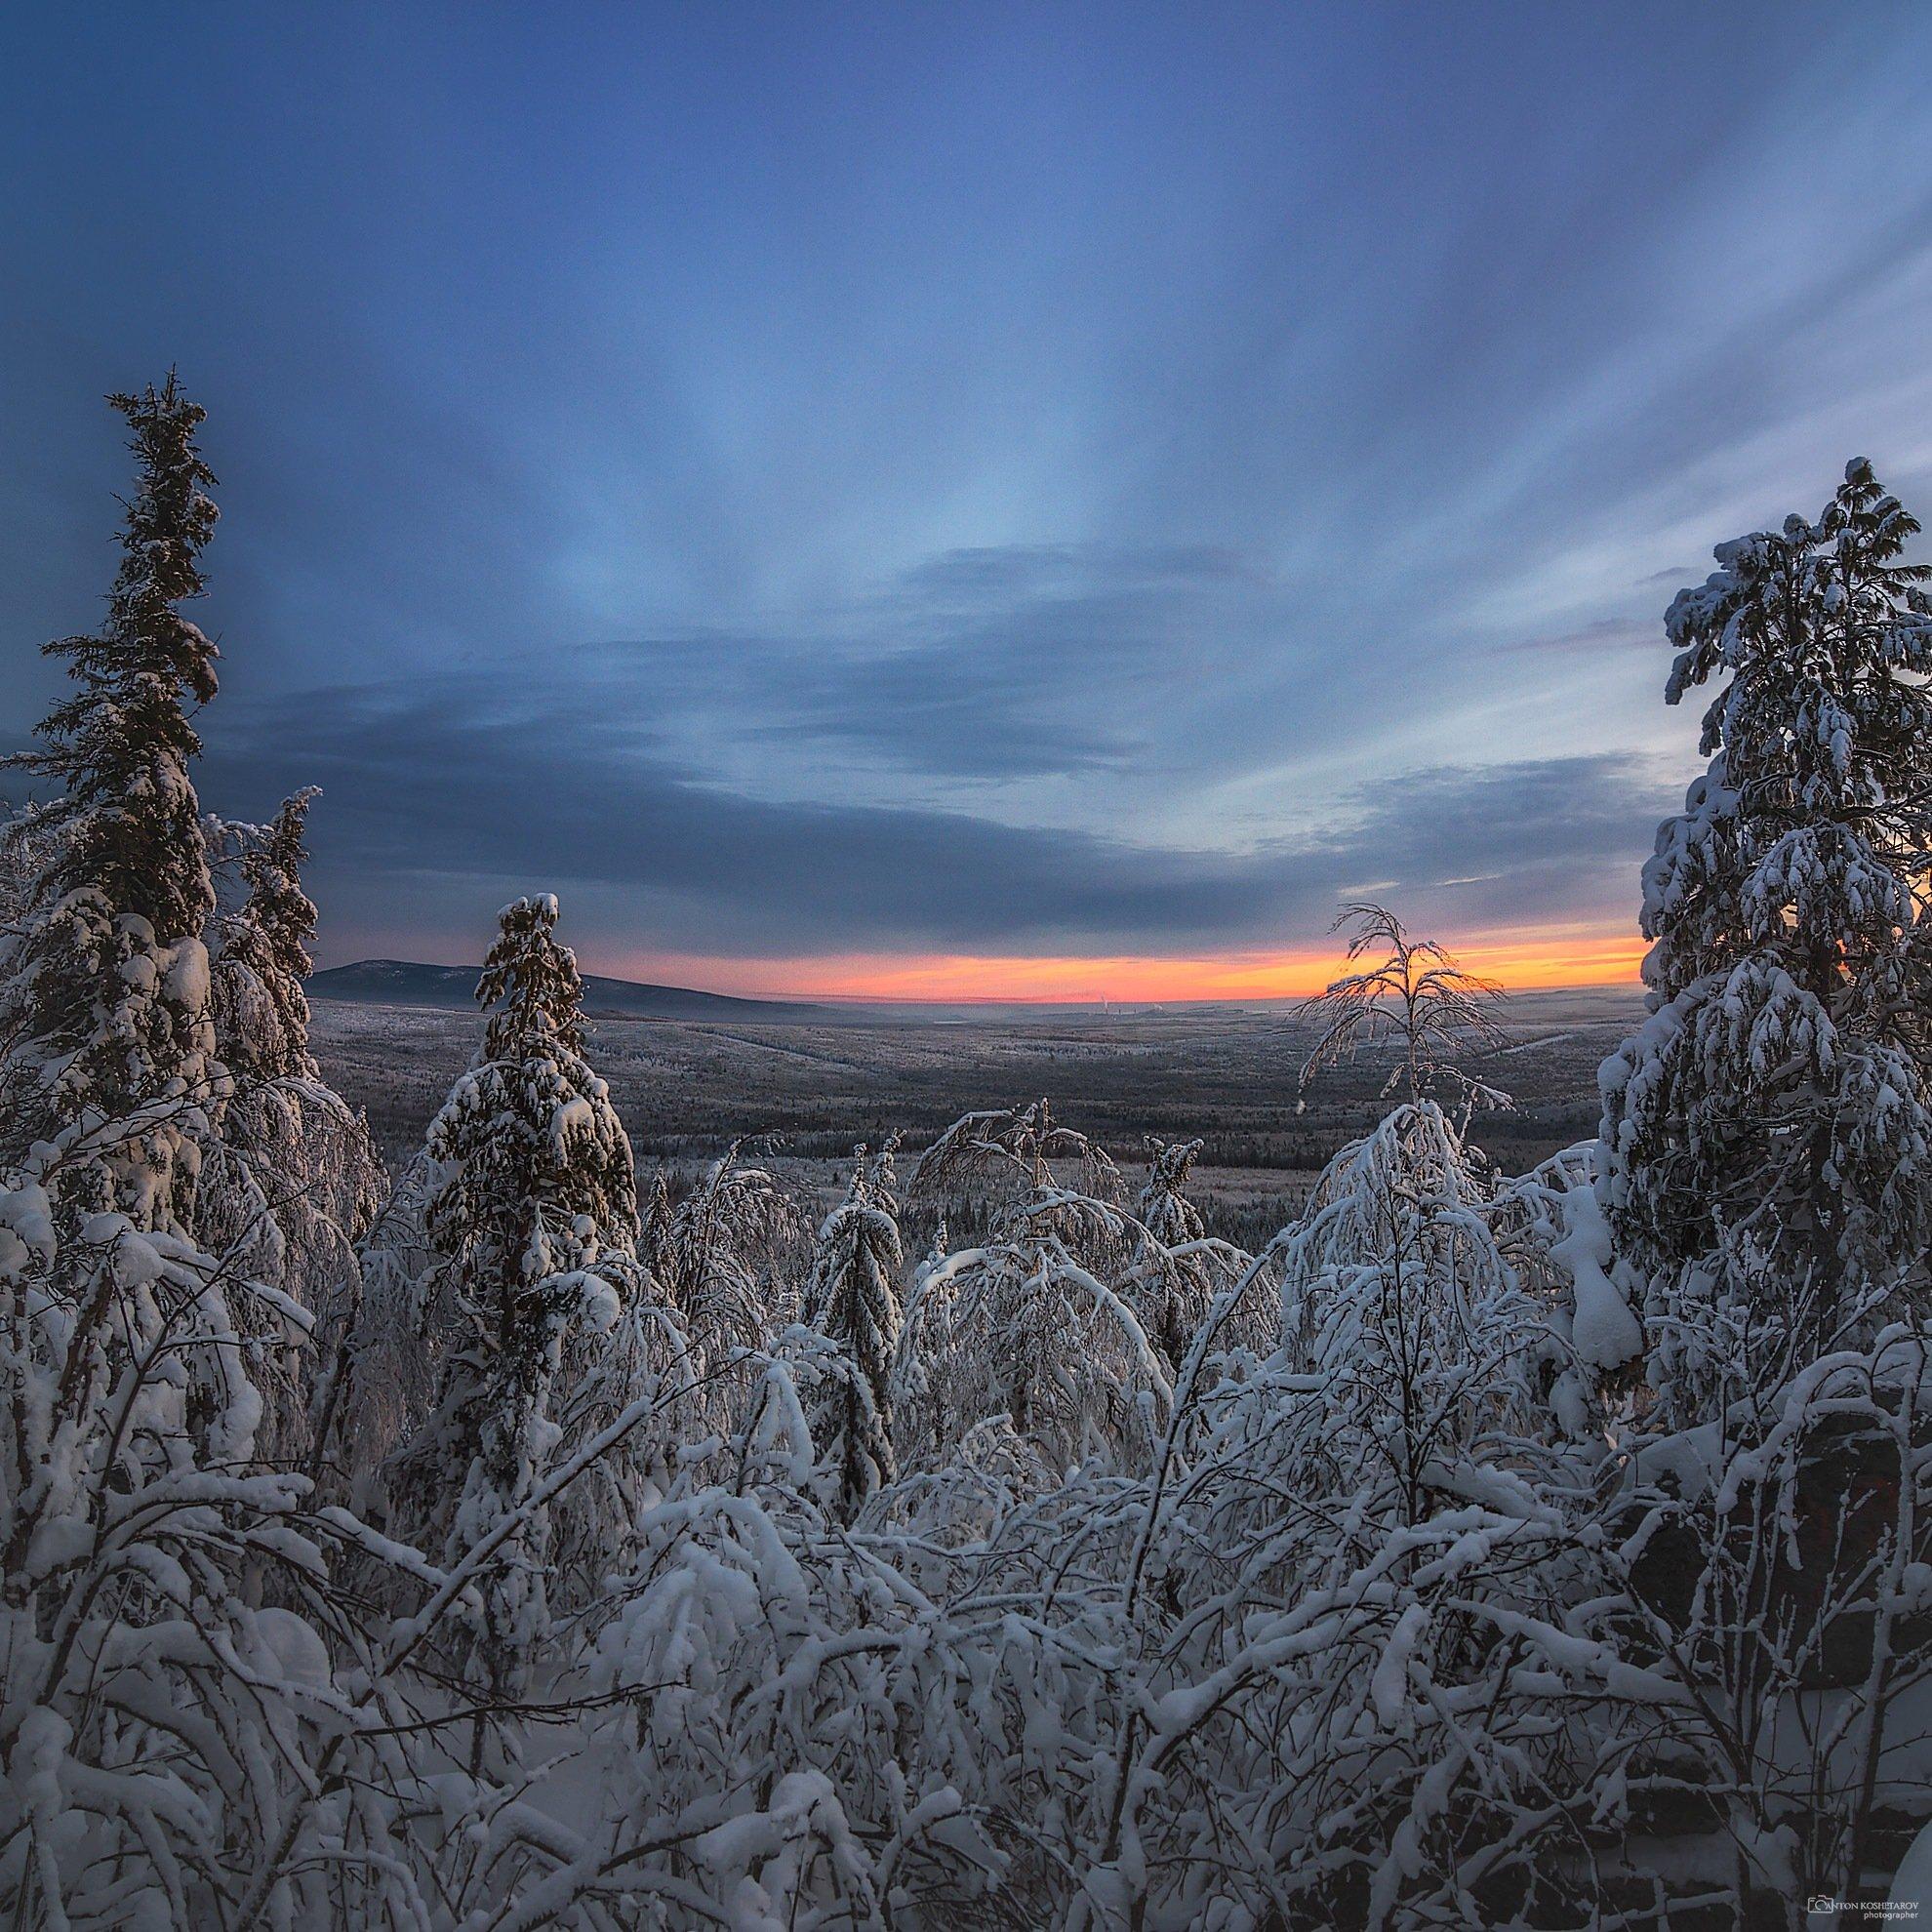 колпаки,пермский край,горы,гора качканар,качканар,зима,рассвет, Антон Кошетаров